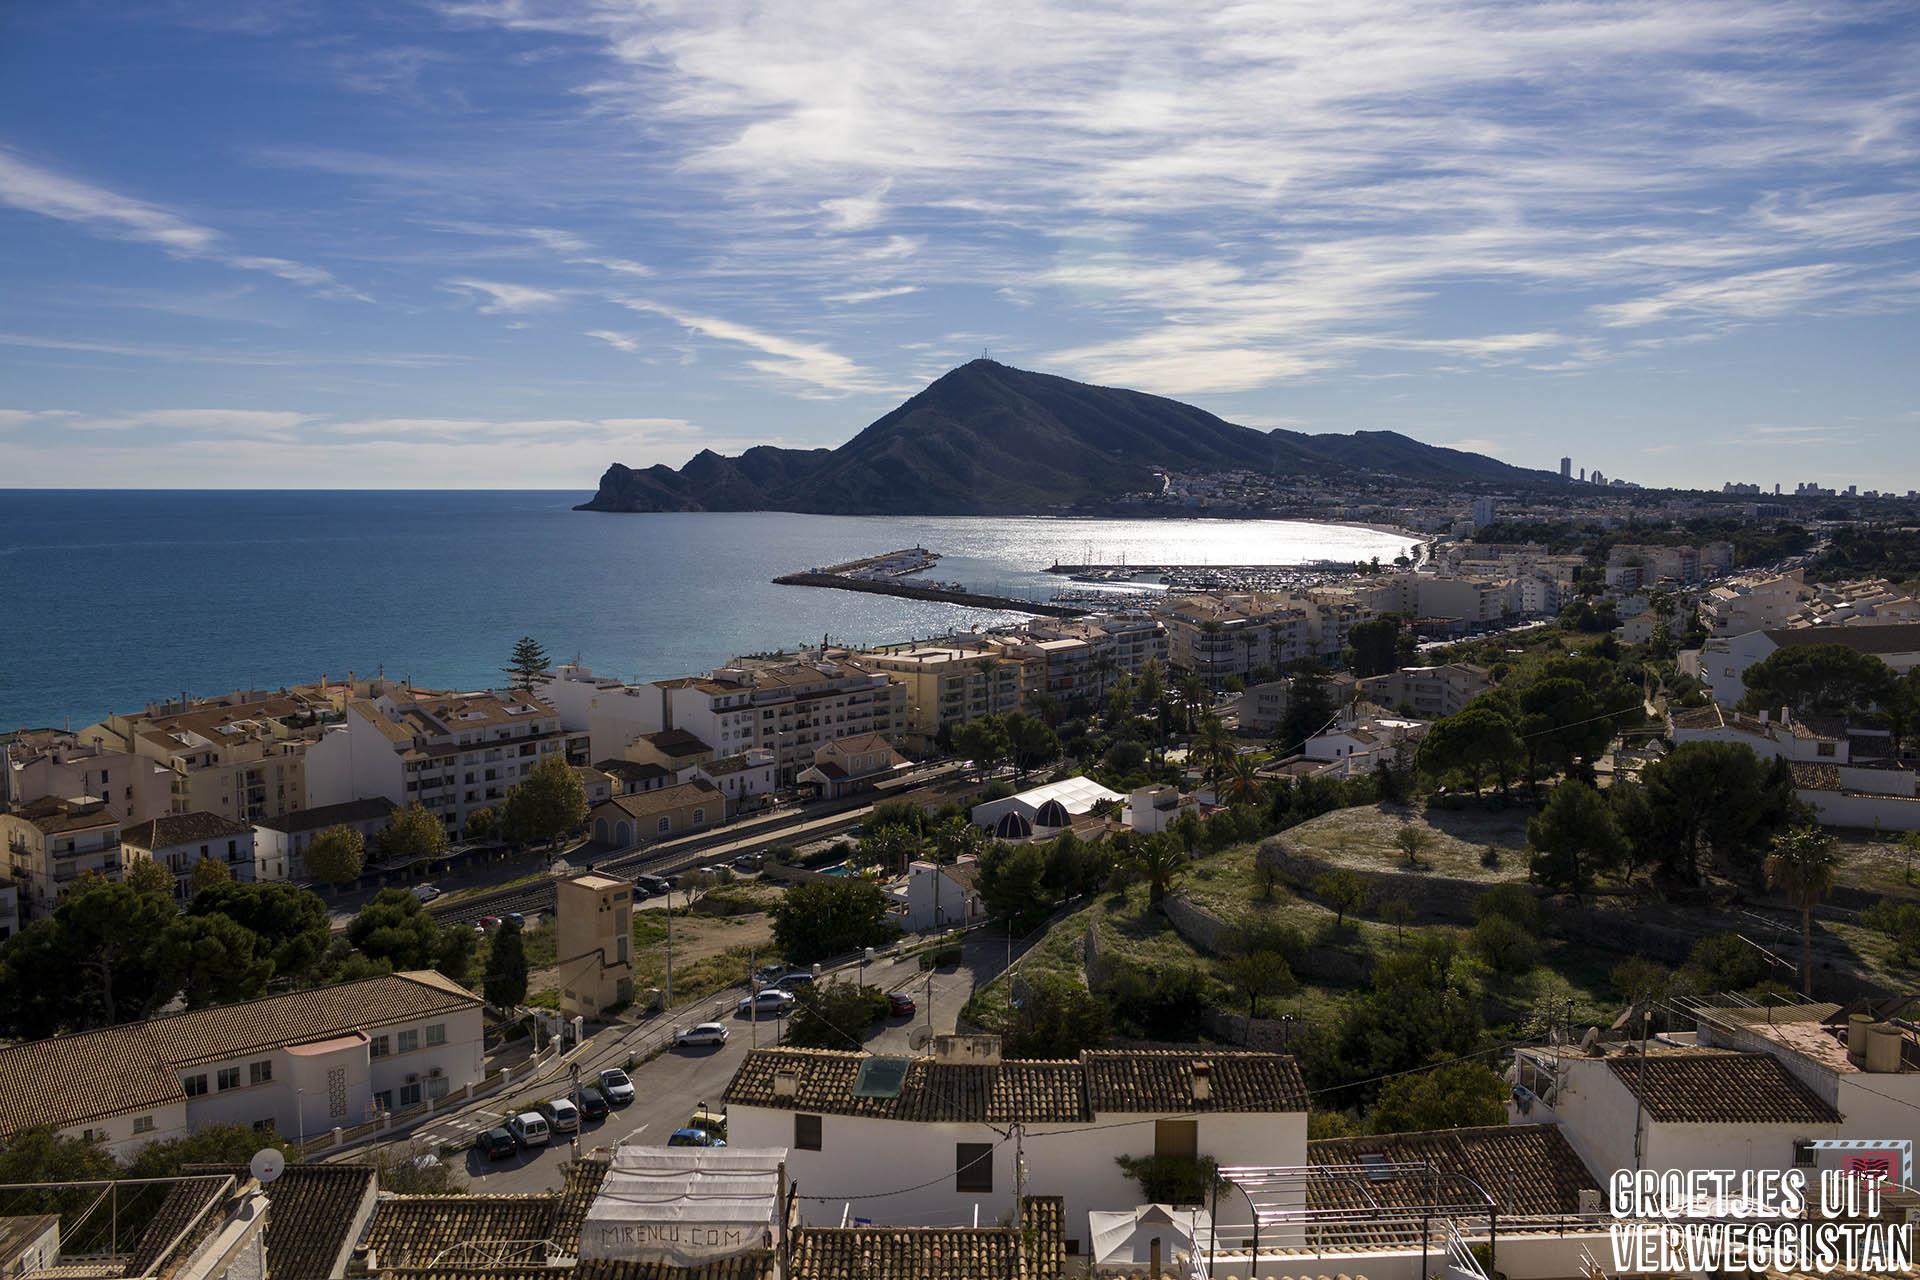 Uitzicht vanaf het kerkplein in Altea, Spanje over de Costa Blanca en Benidorm.